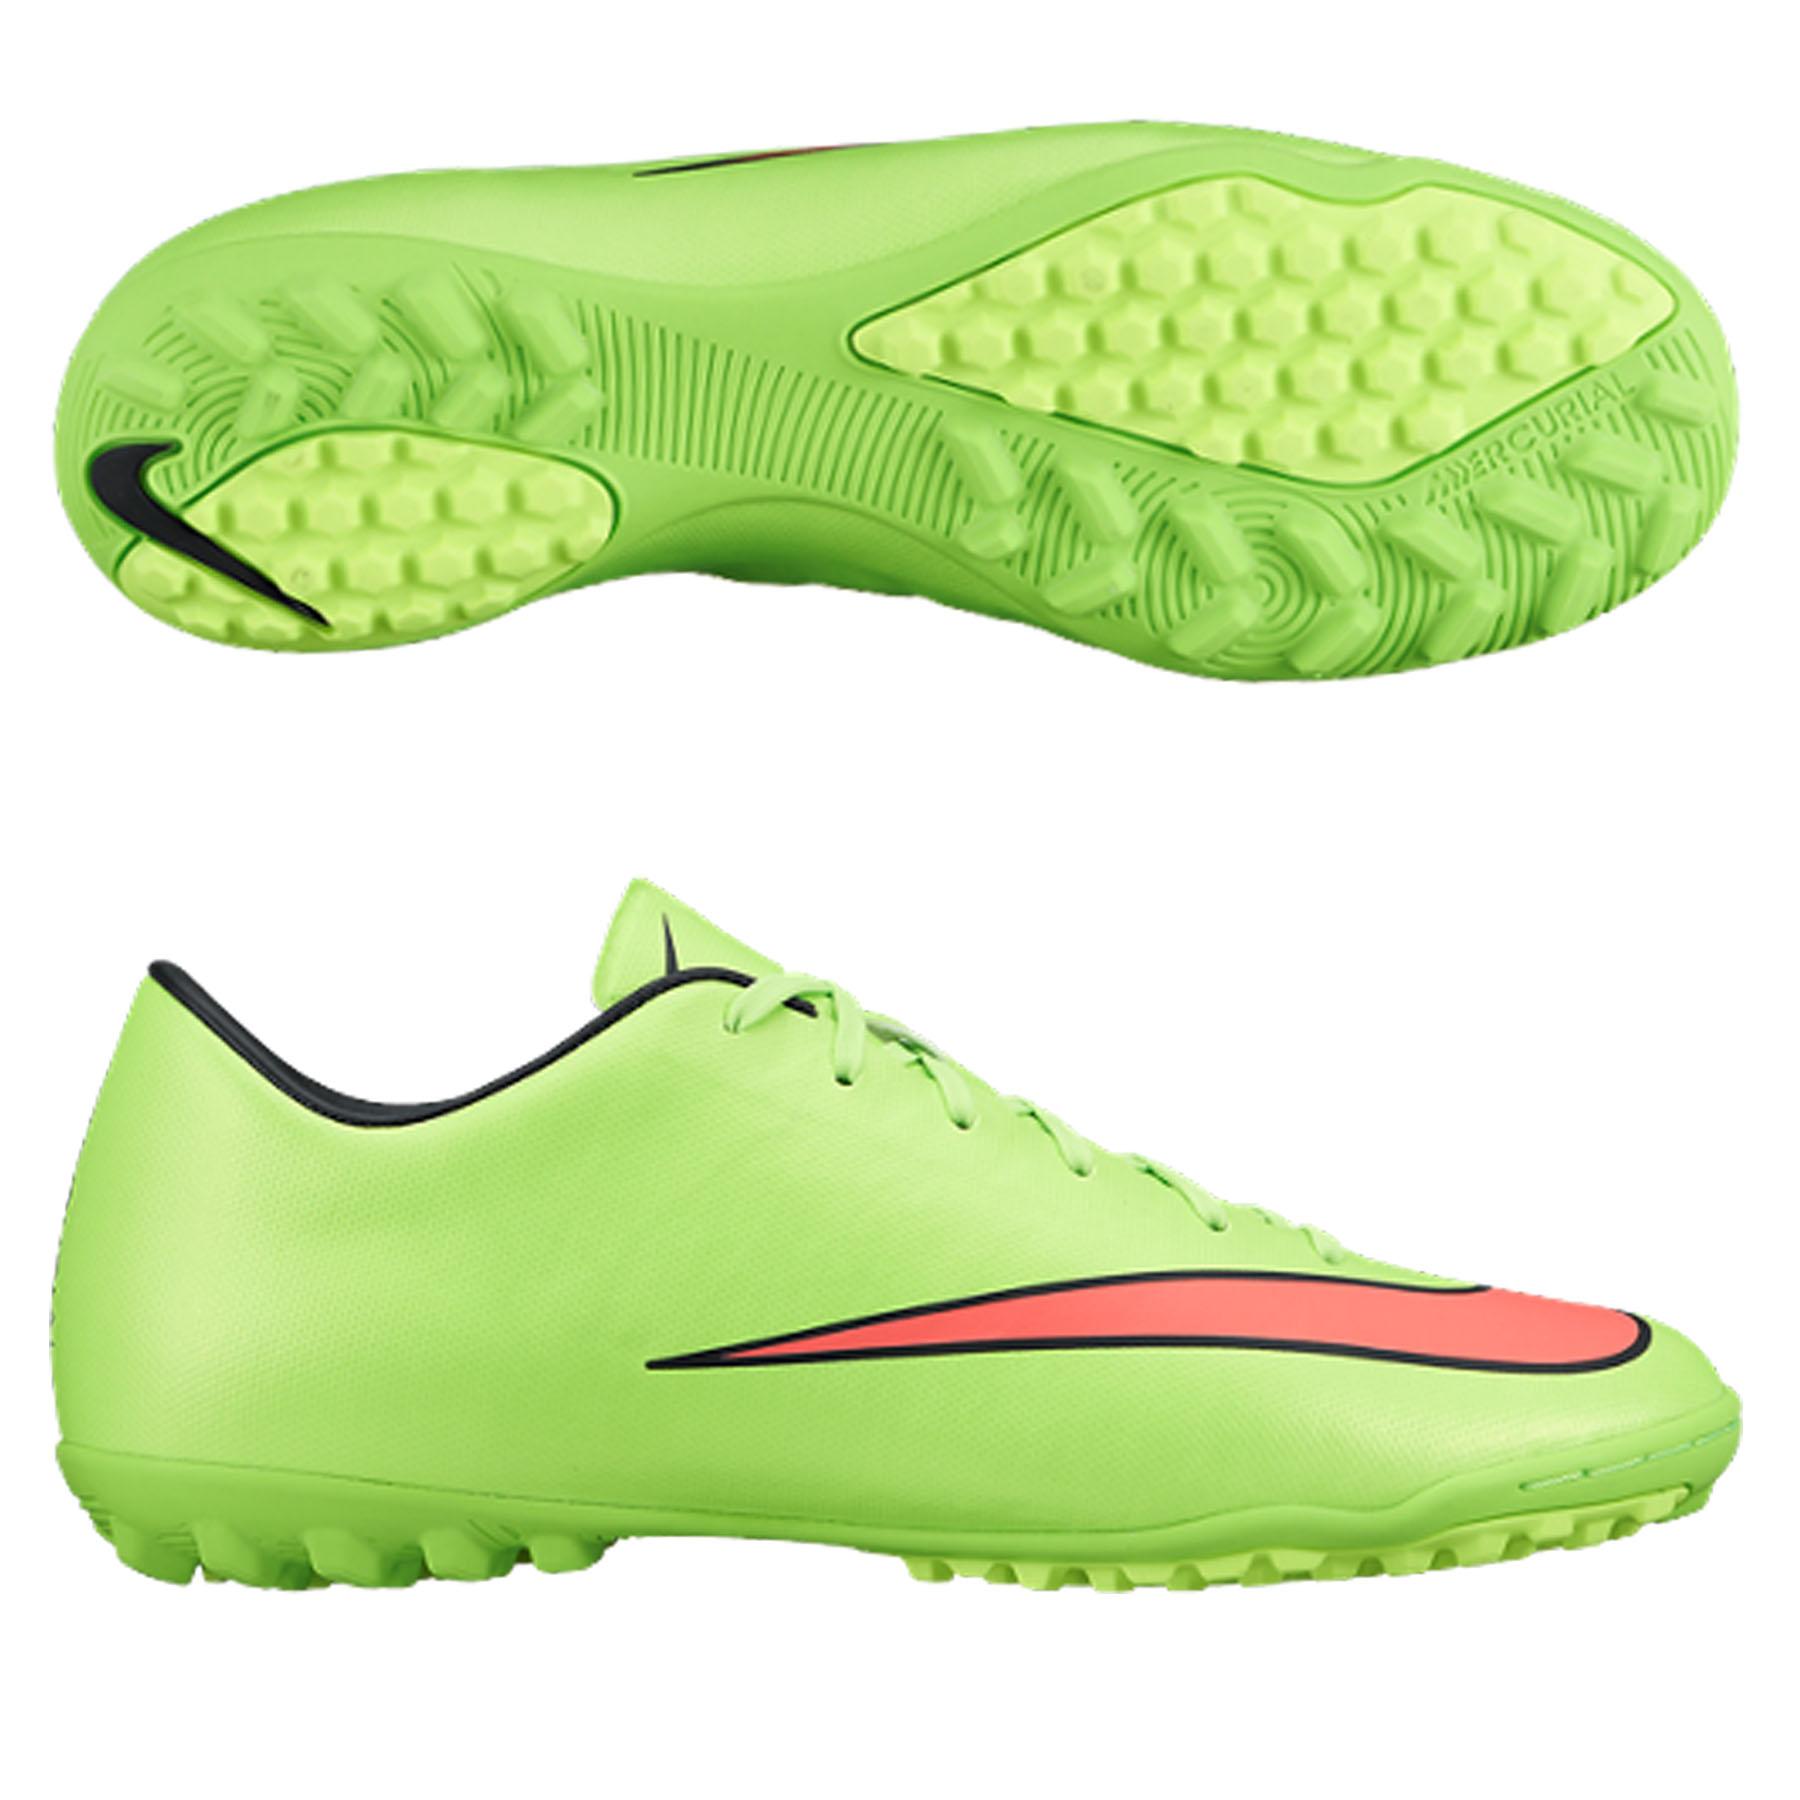 Nike Mercurial Victory V Astroturf  Kids Green